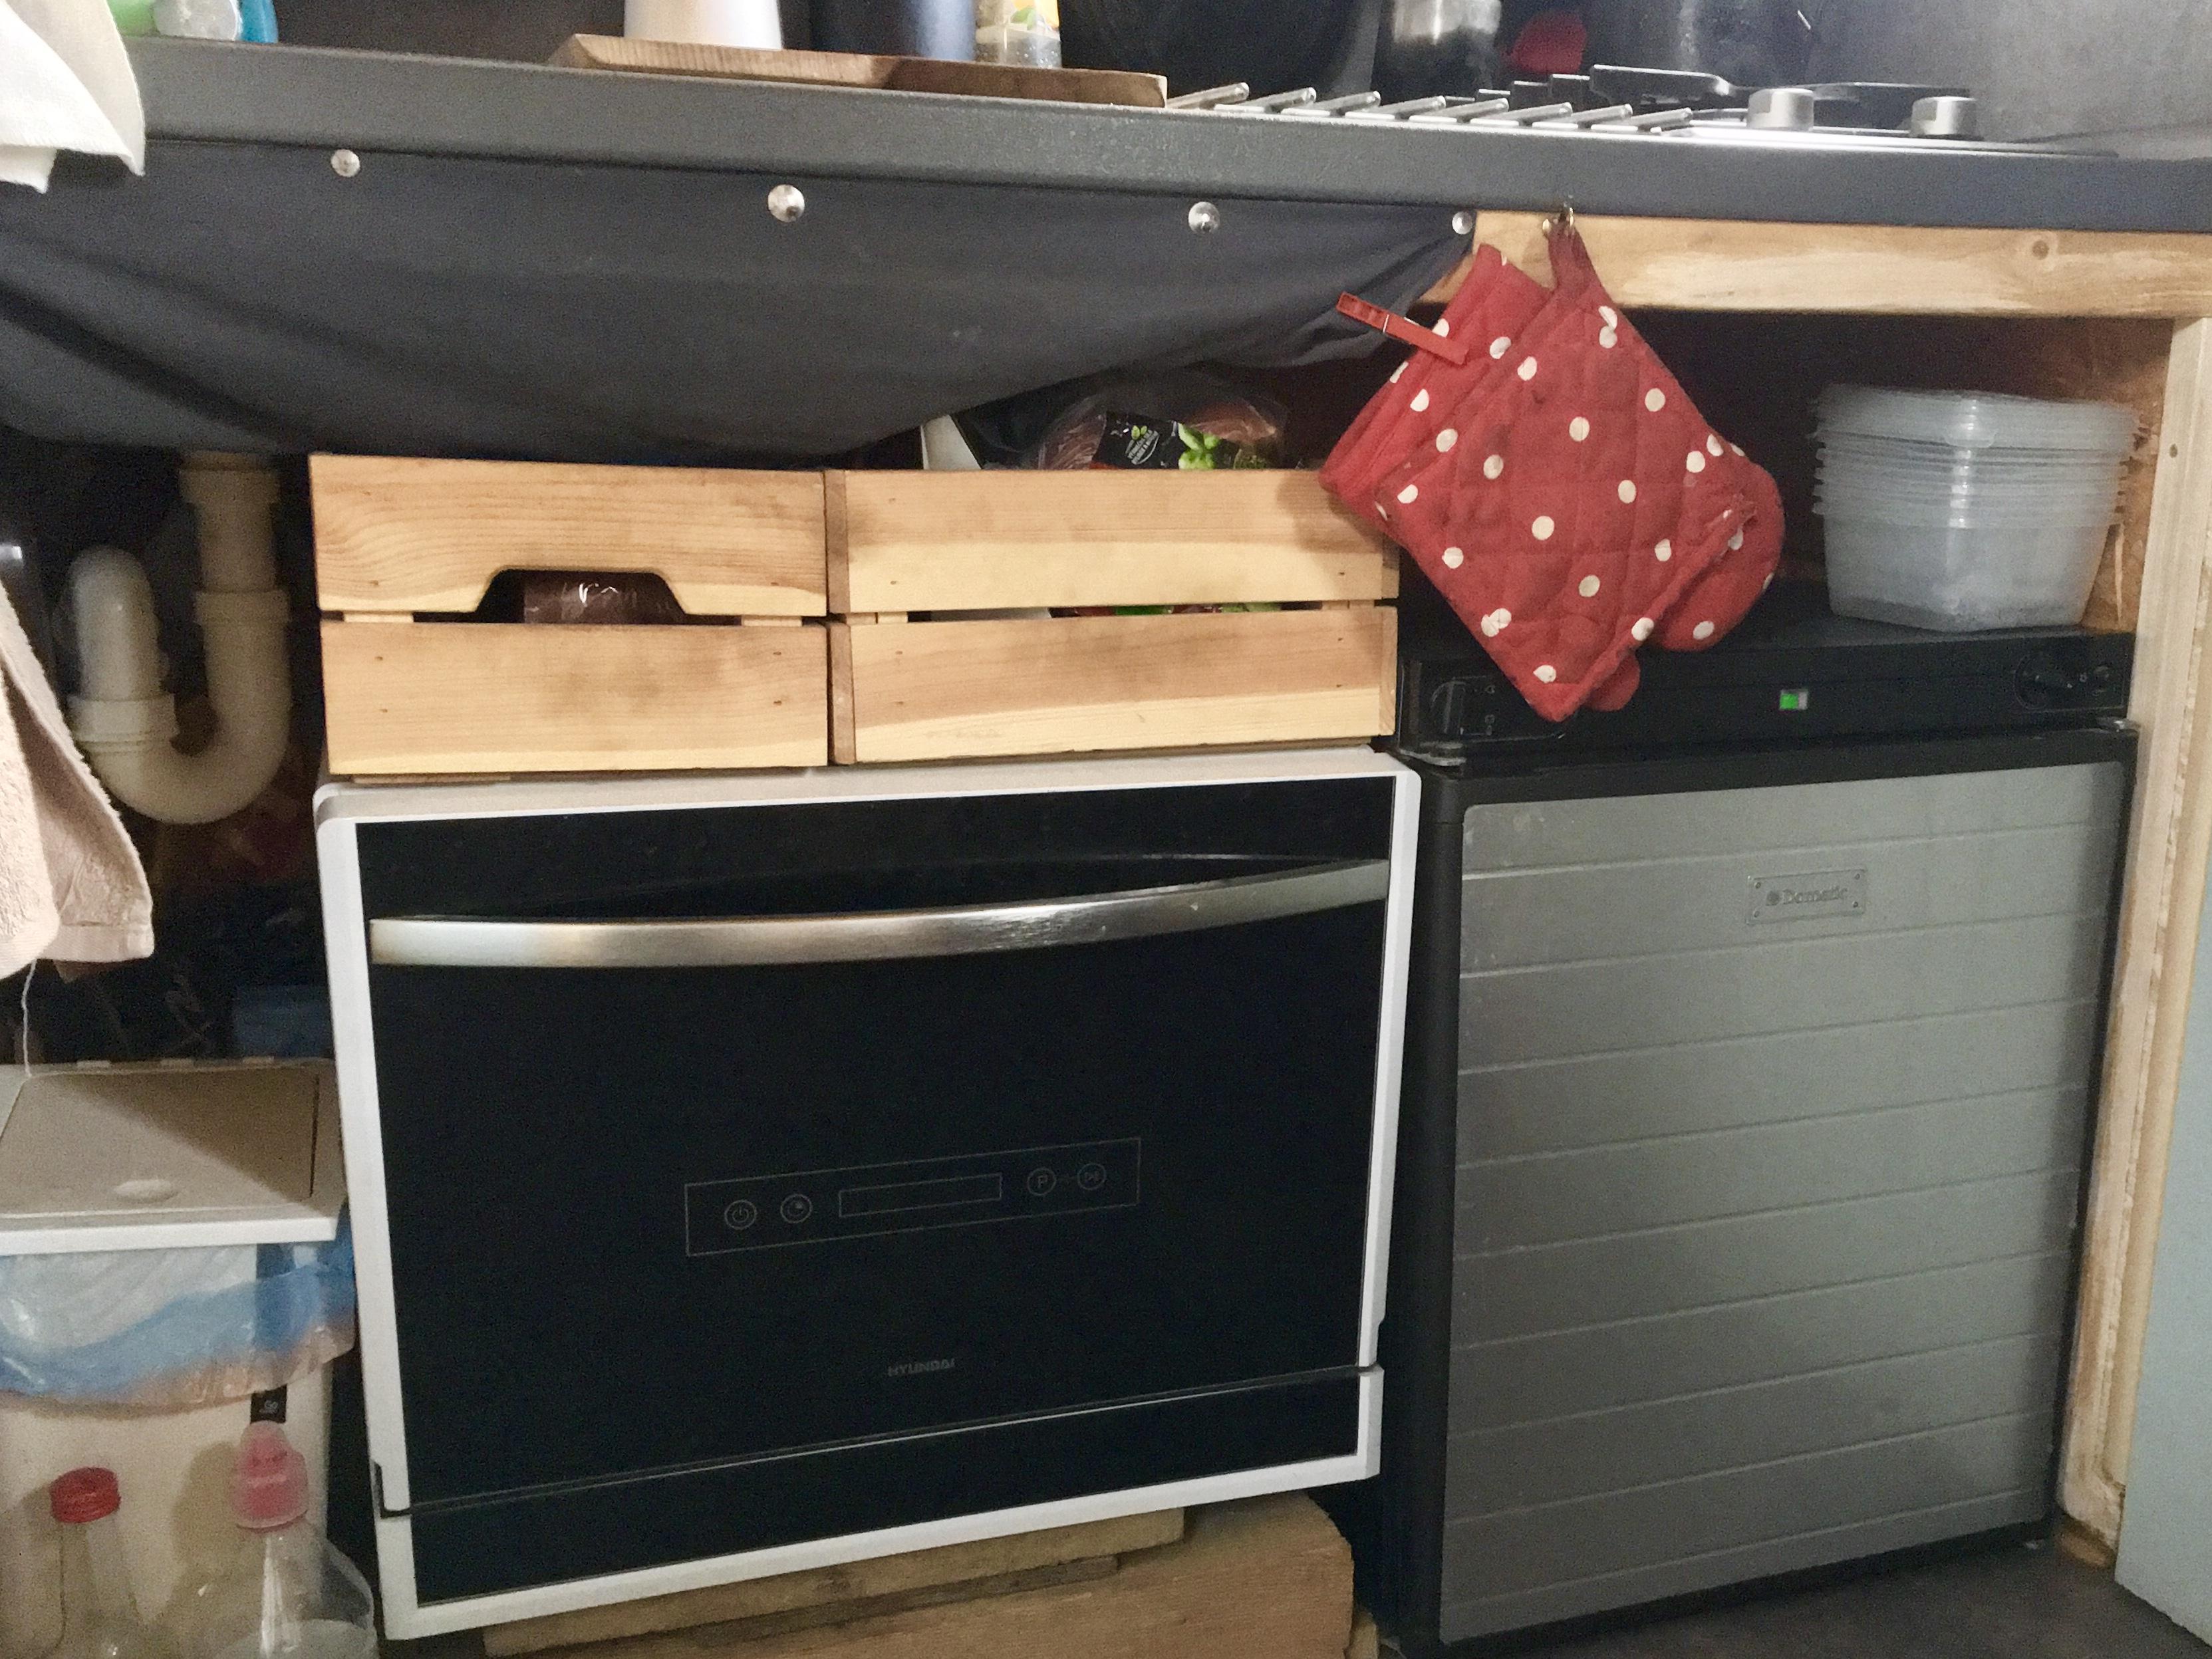 dishwasher, fridge